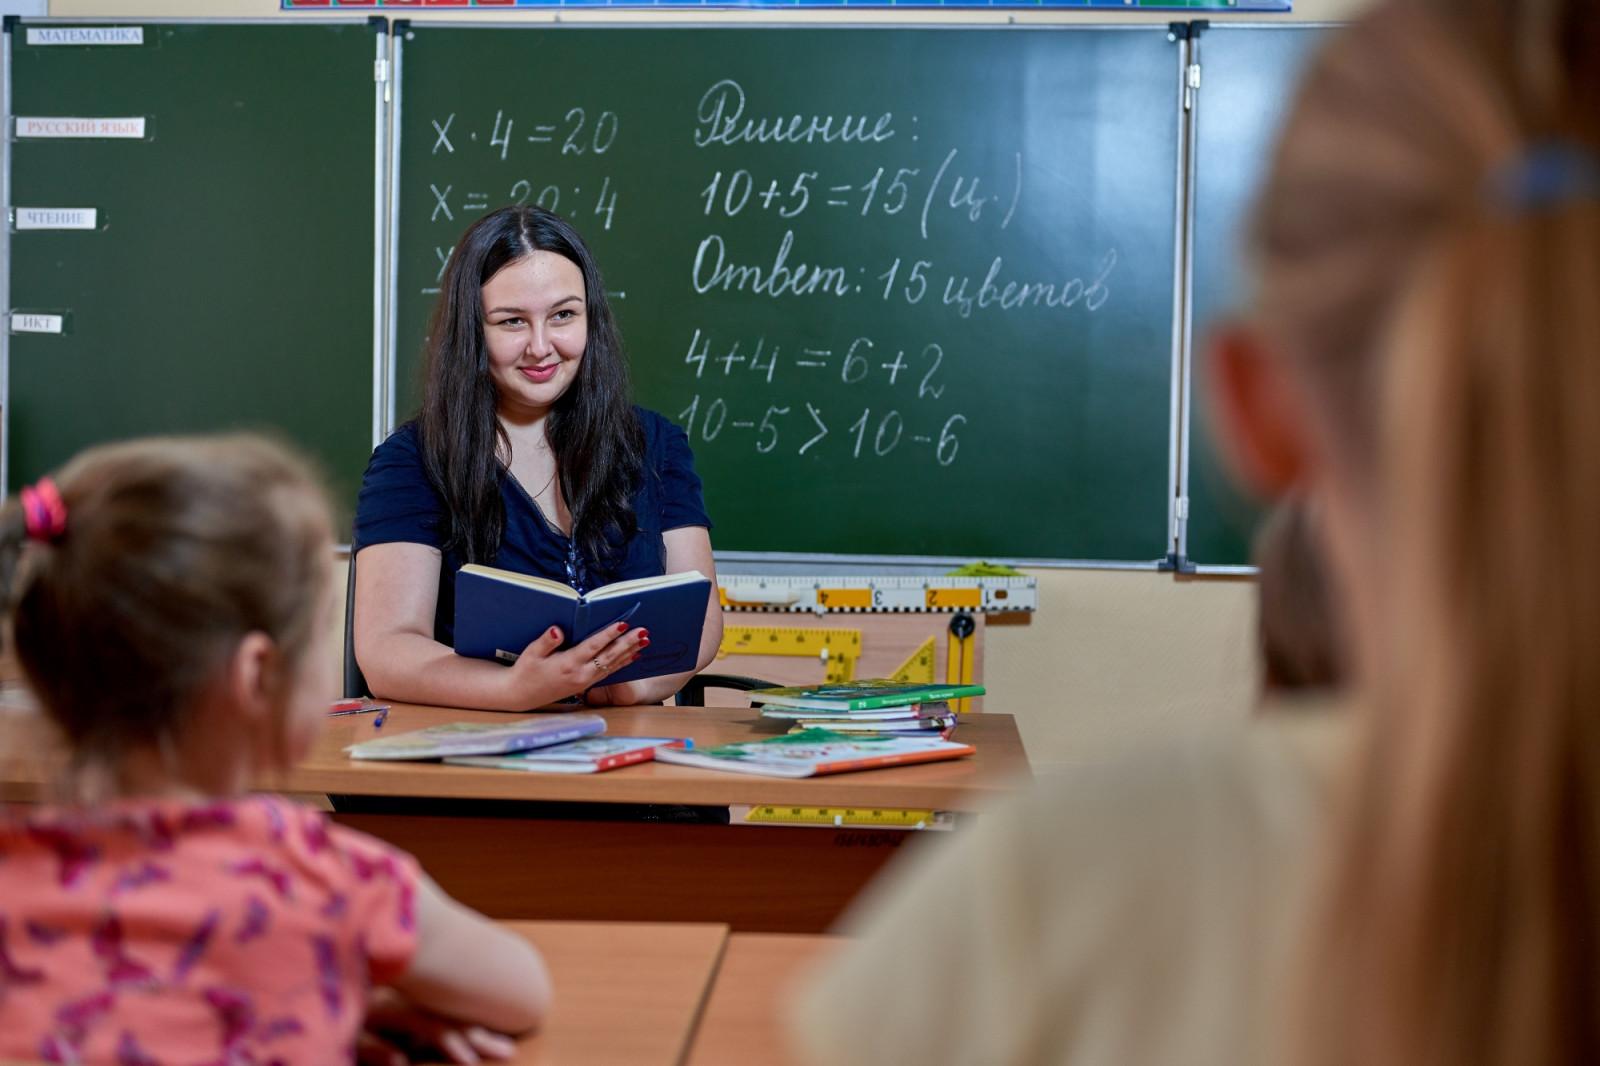 28 учителей донского региона получат федеральные и областные премии